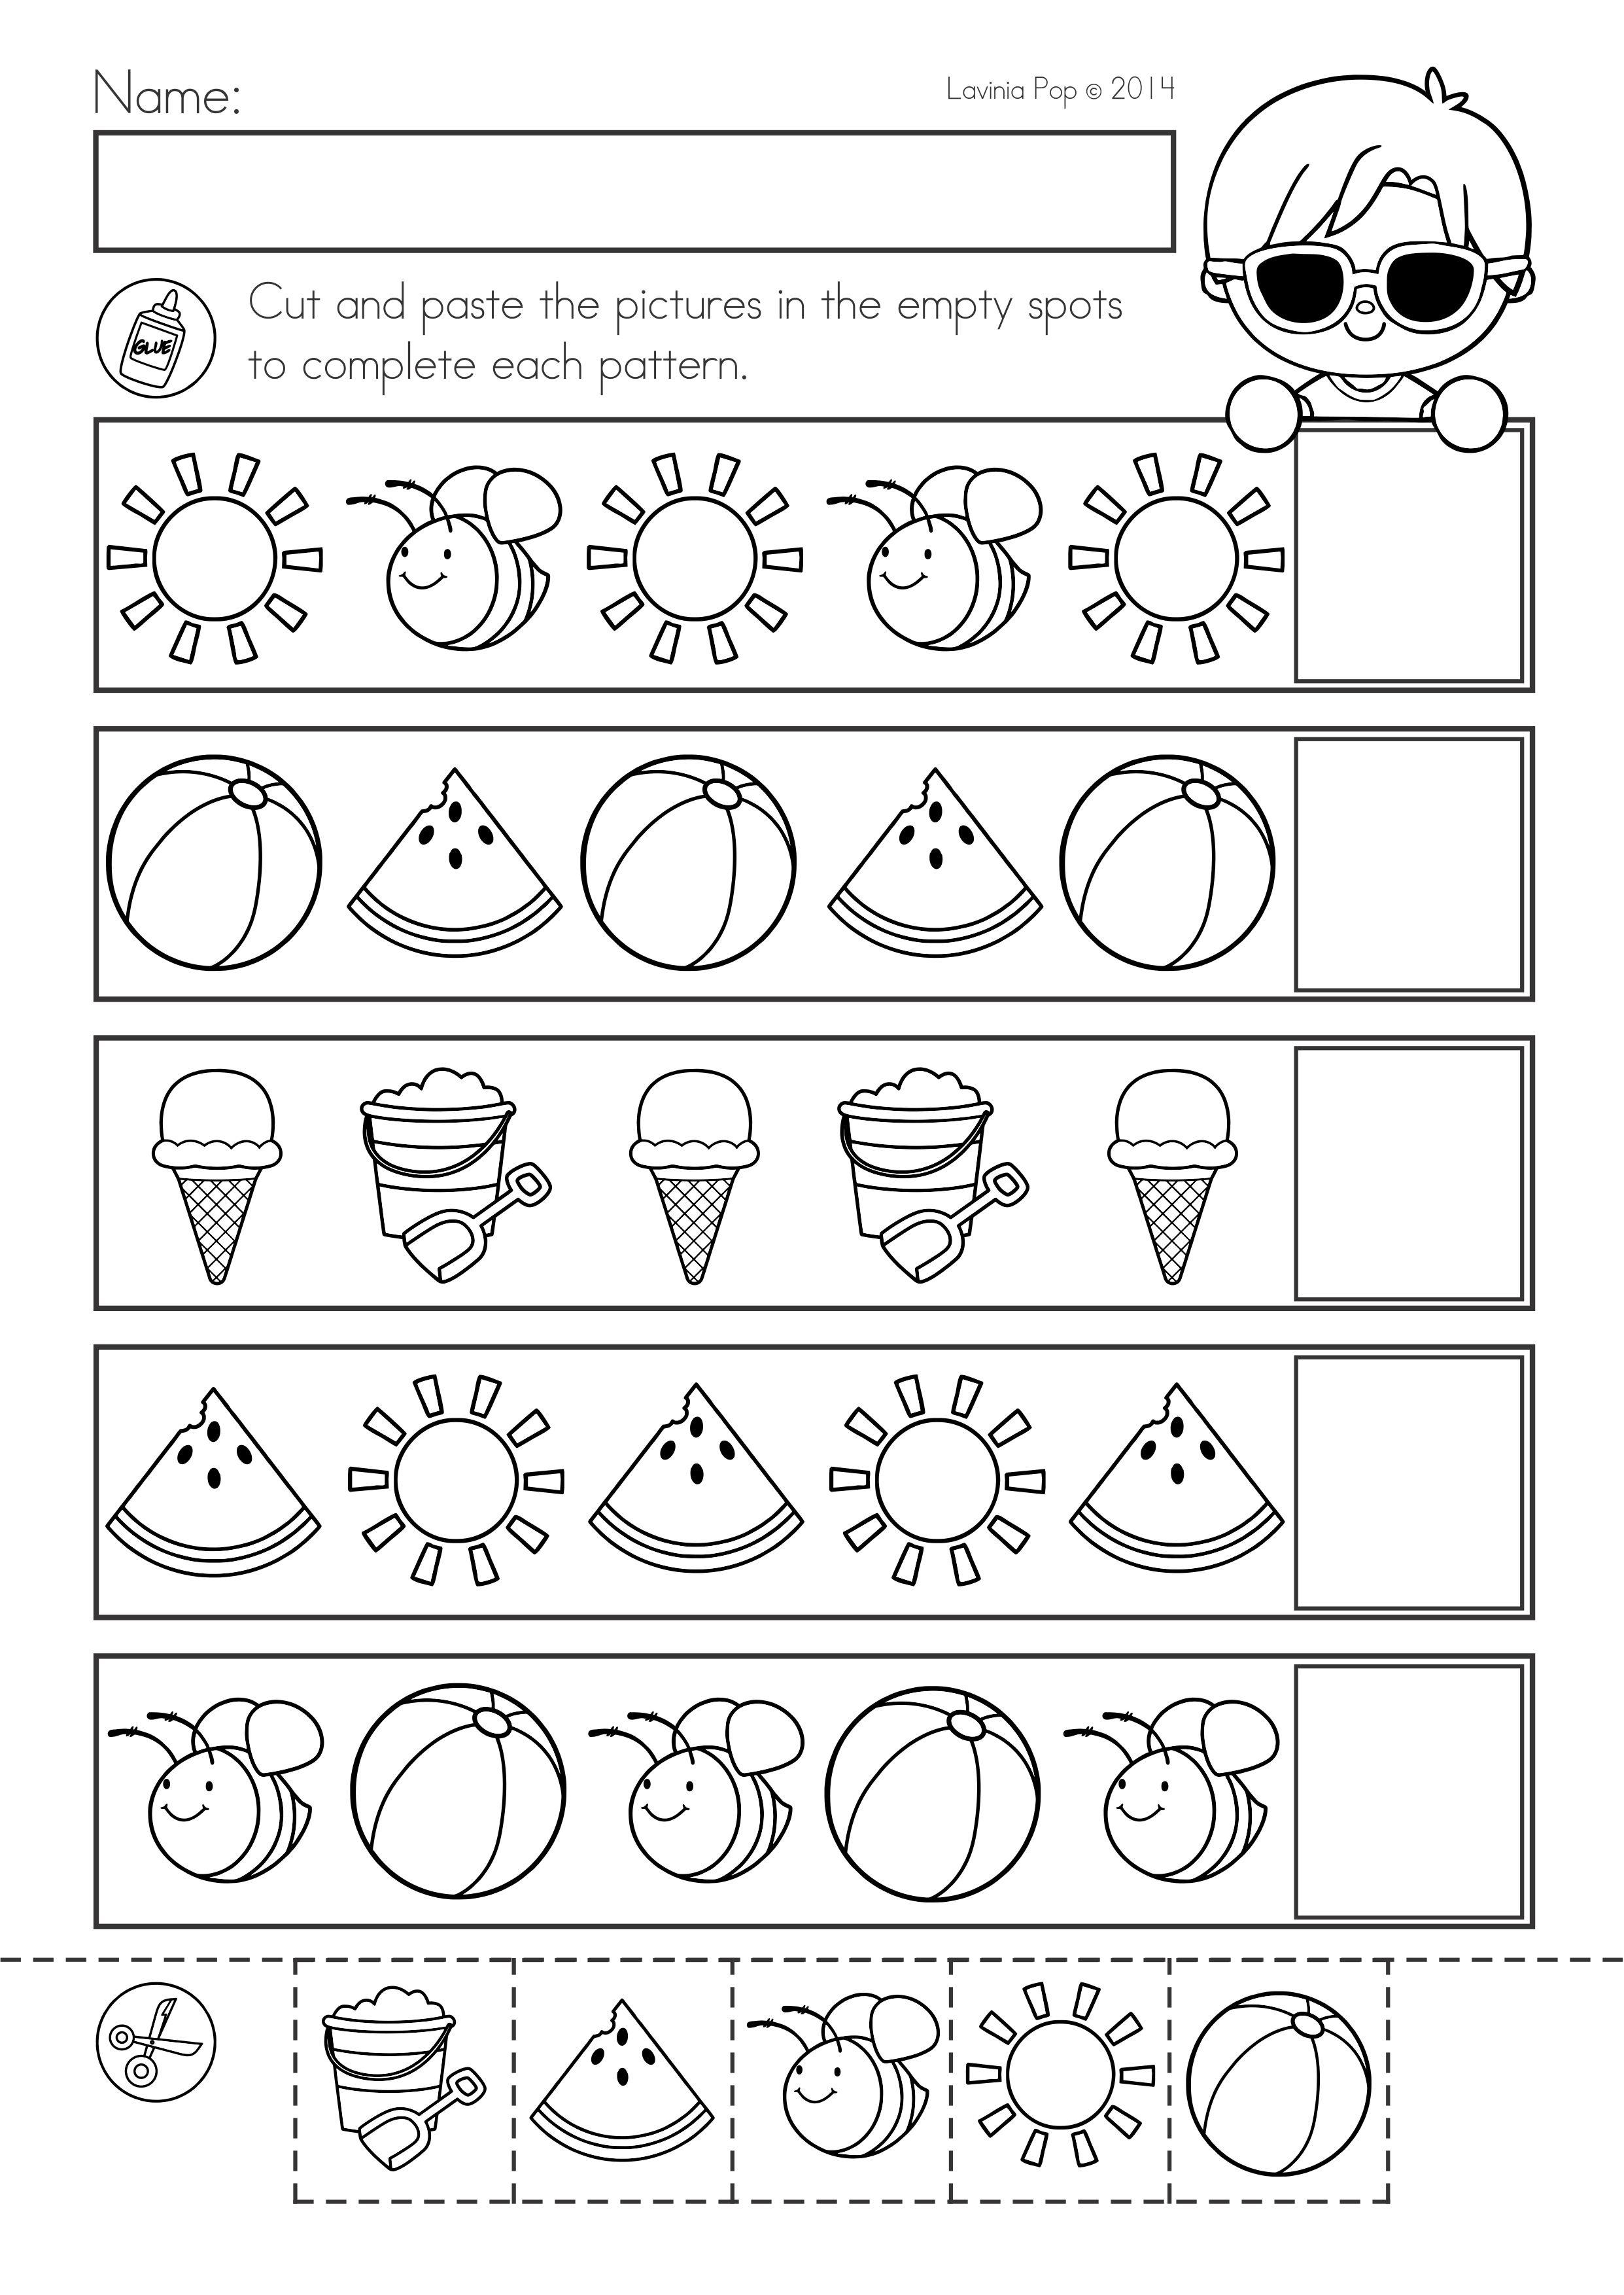 75cfdd4e7bbf349ba0007c734af1387b - Summer Worksheets For Kindergarten